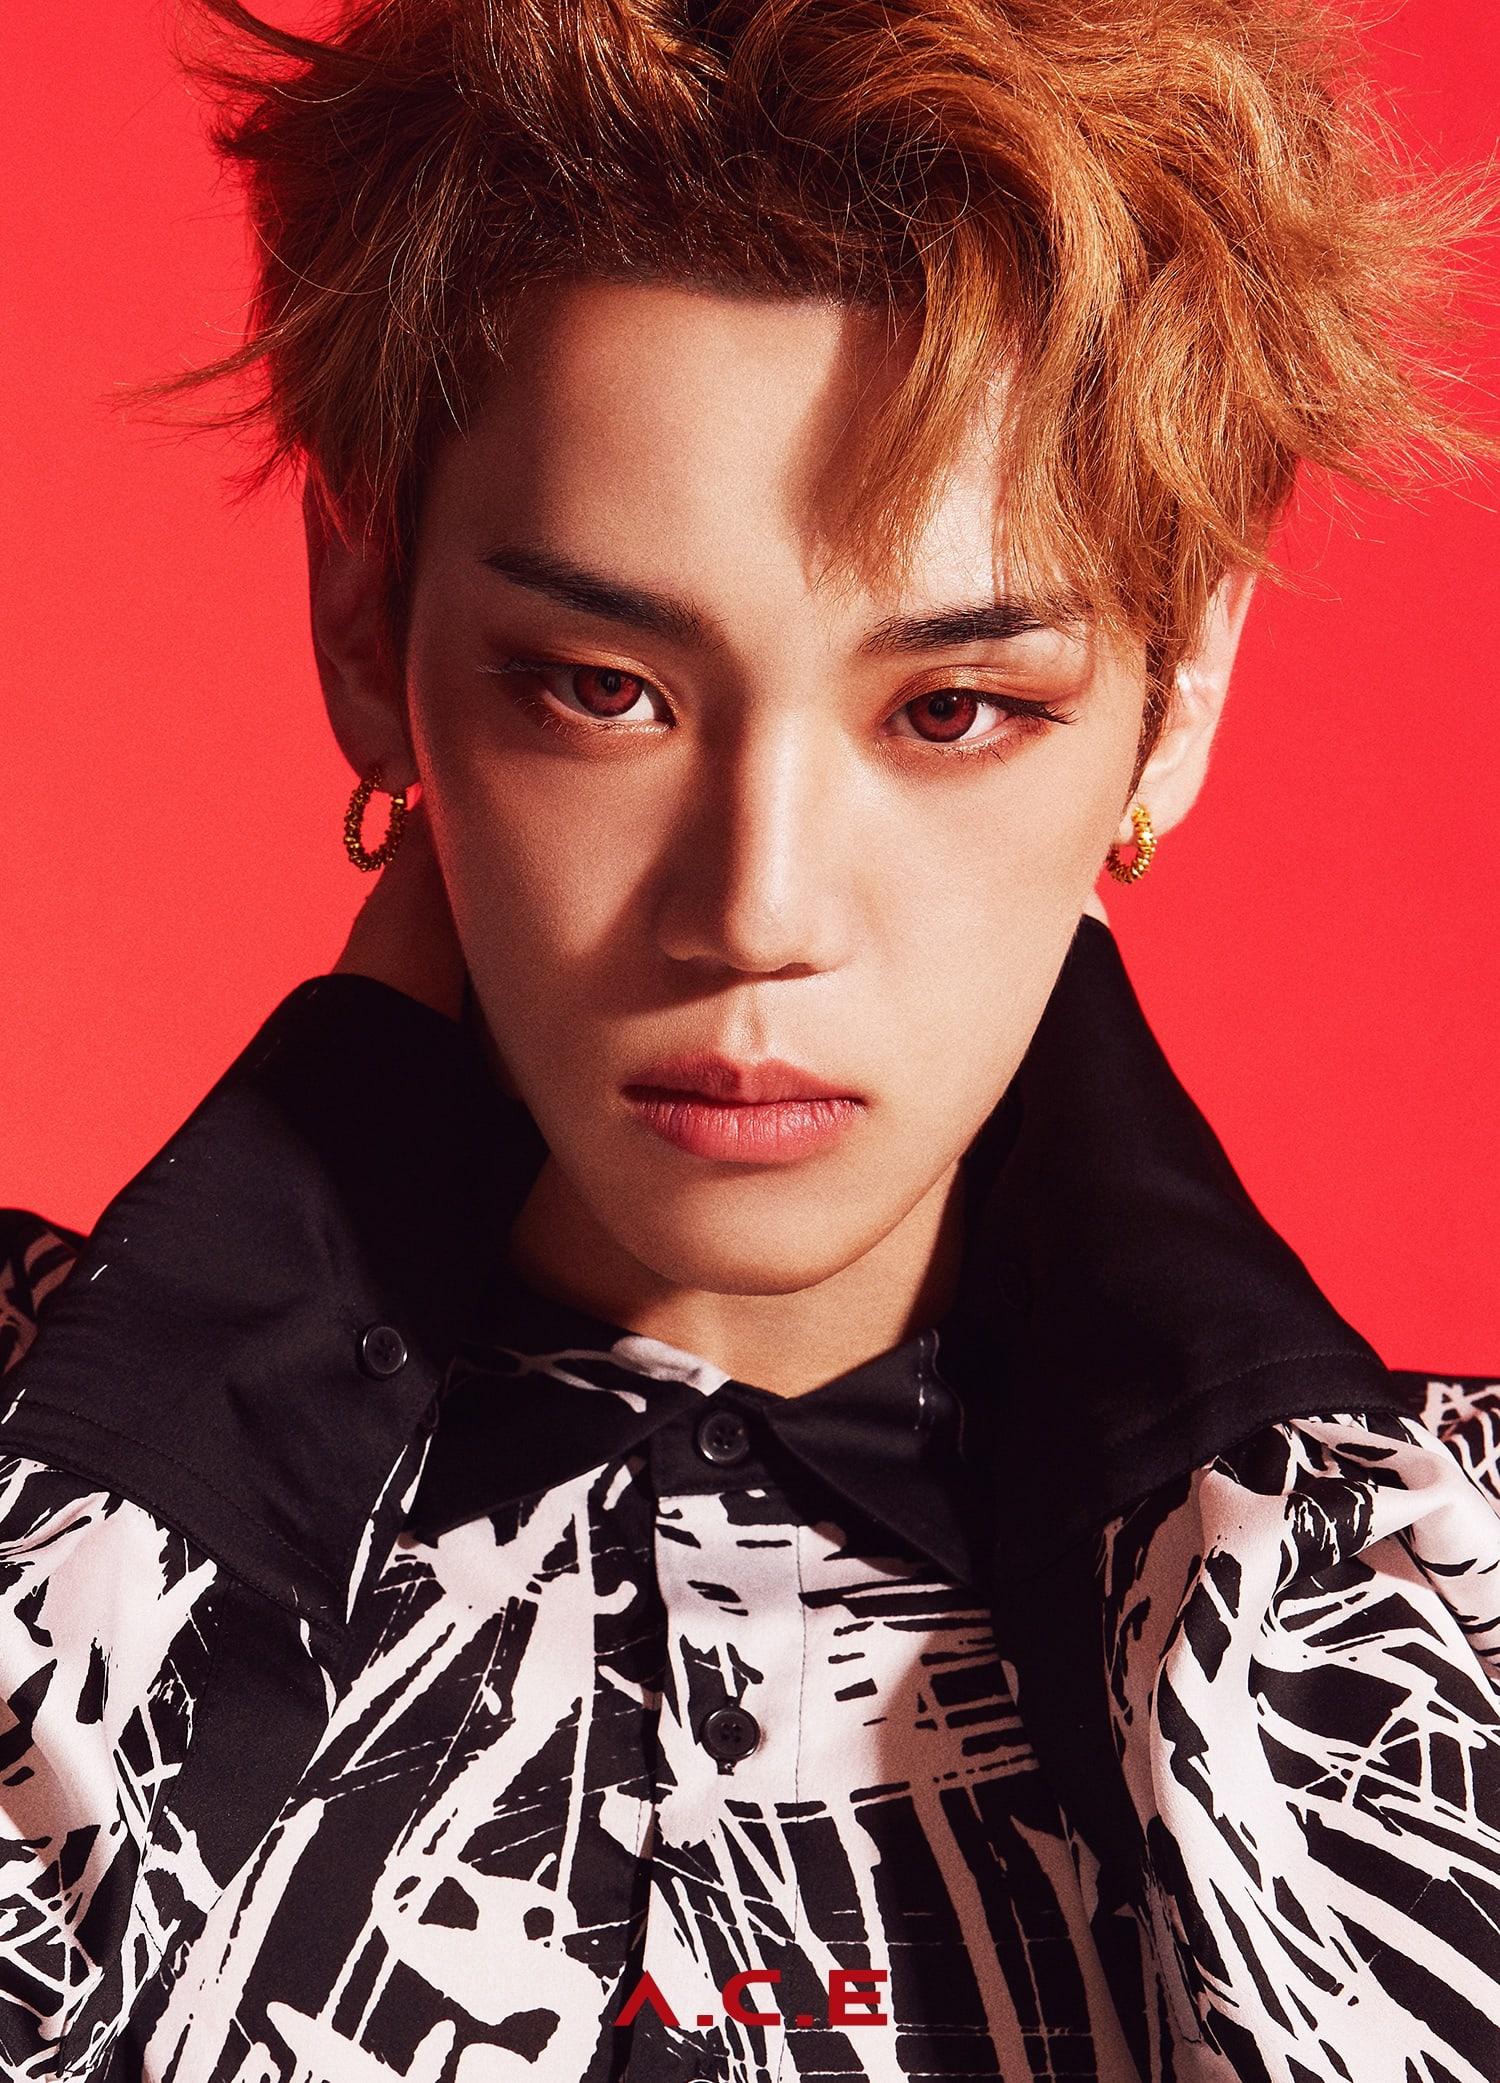 ace byeongkwan 1